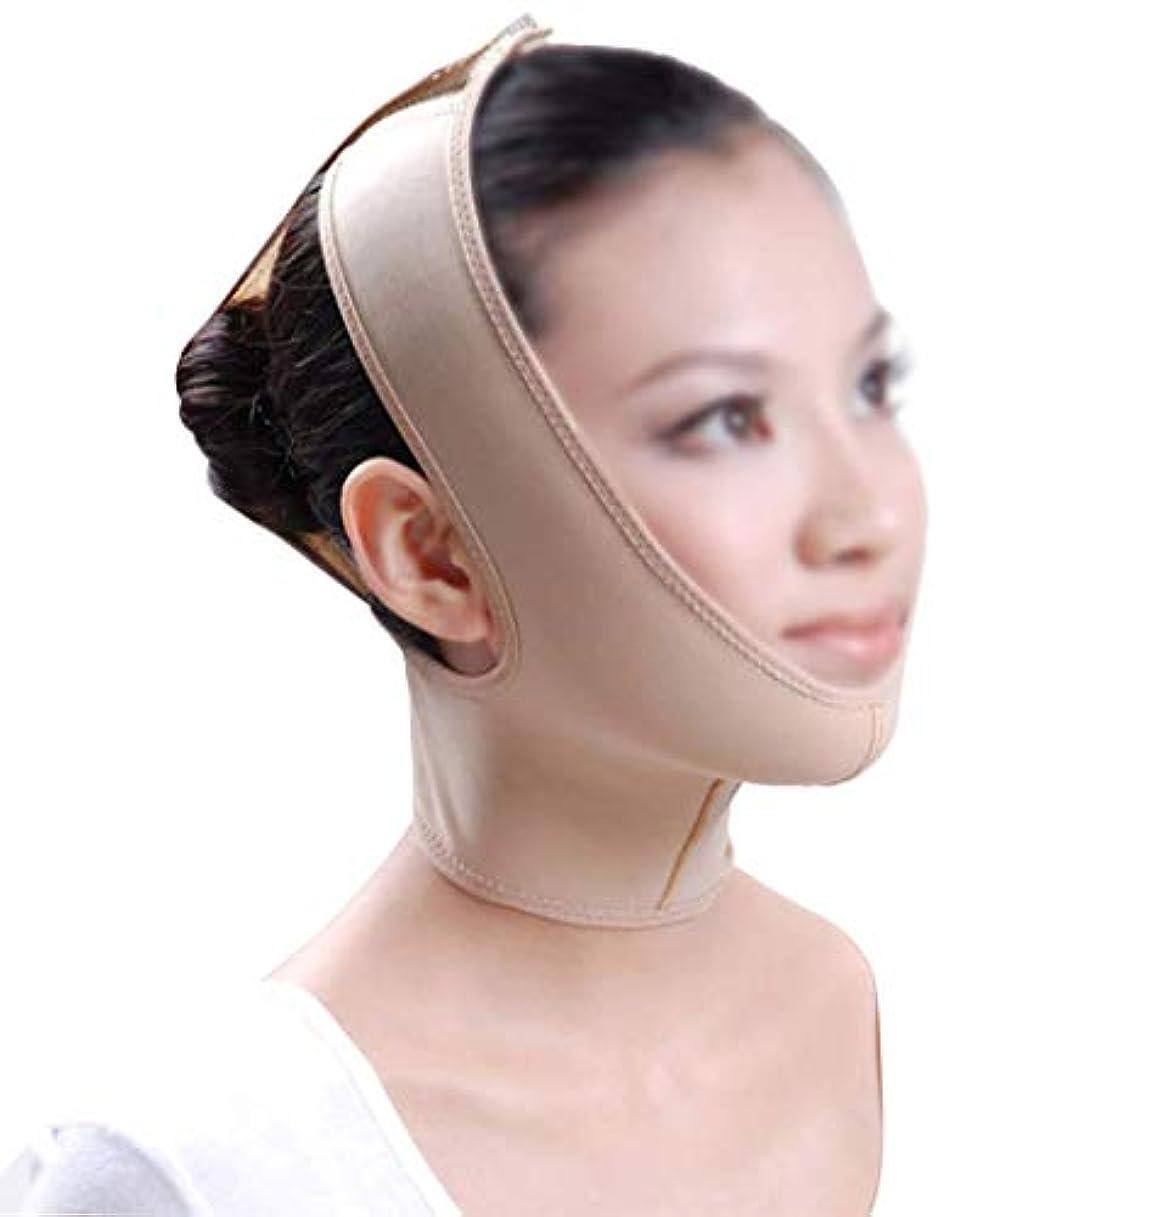 マスク整然とした値ファーミングフェイスマスク、フェイシャルマスクパワフルフェイスリフティングリハビリテーション弾性フェイスフェイシャルリフティングファーミングネックチンシェイピングリハビリジョースリーブ(サイズ:M),Xl